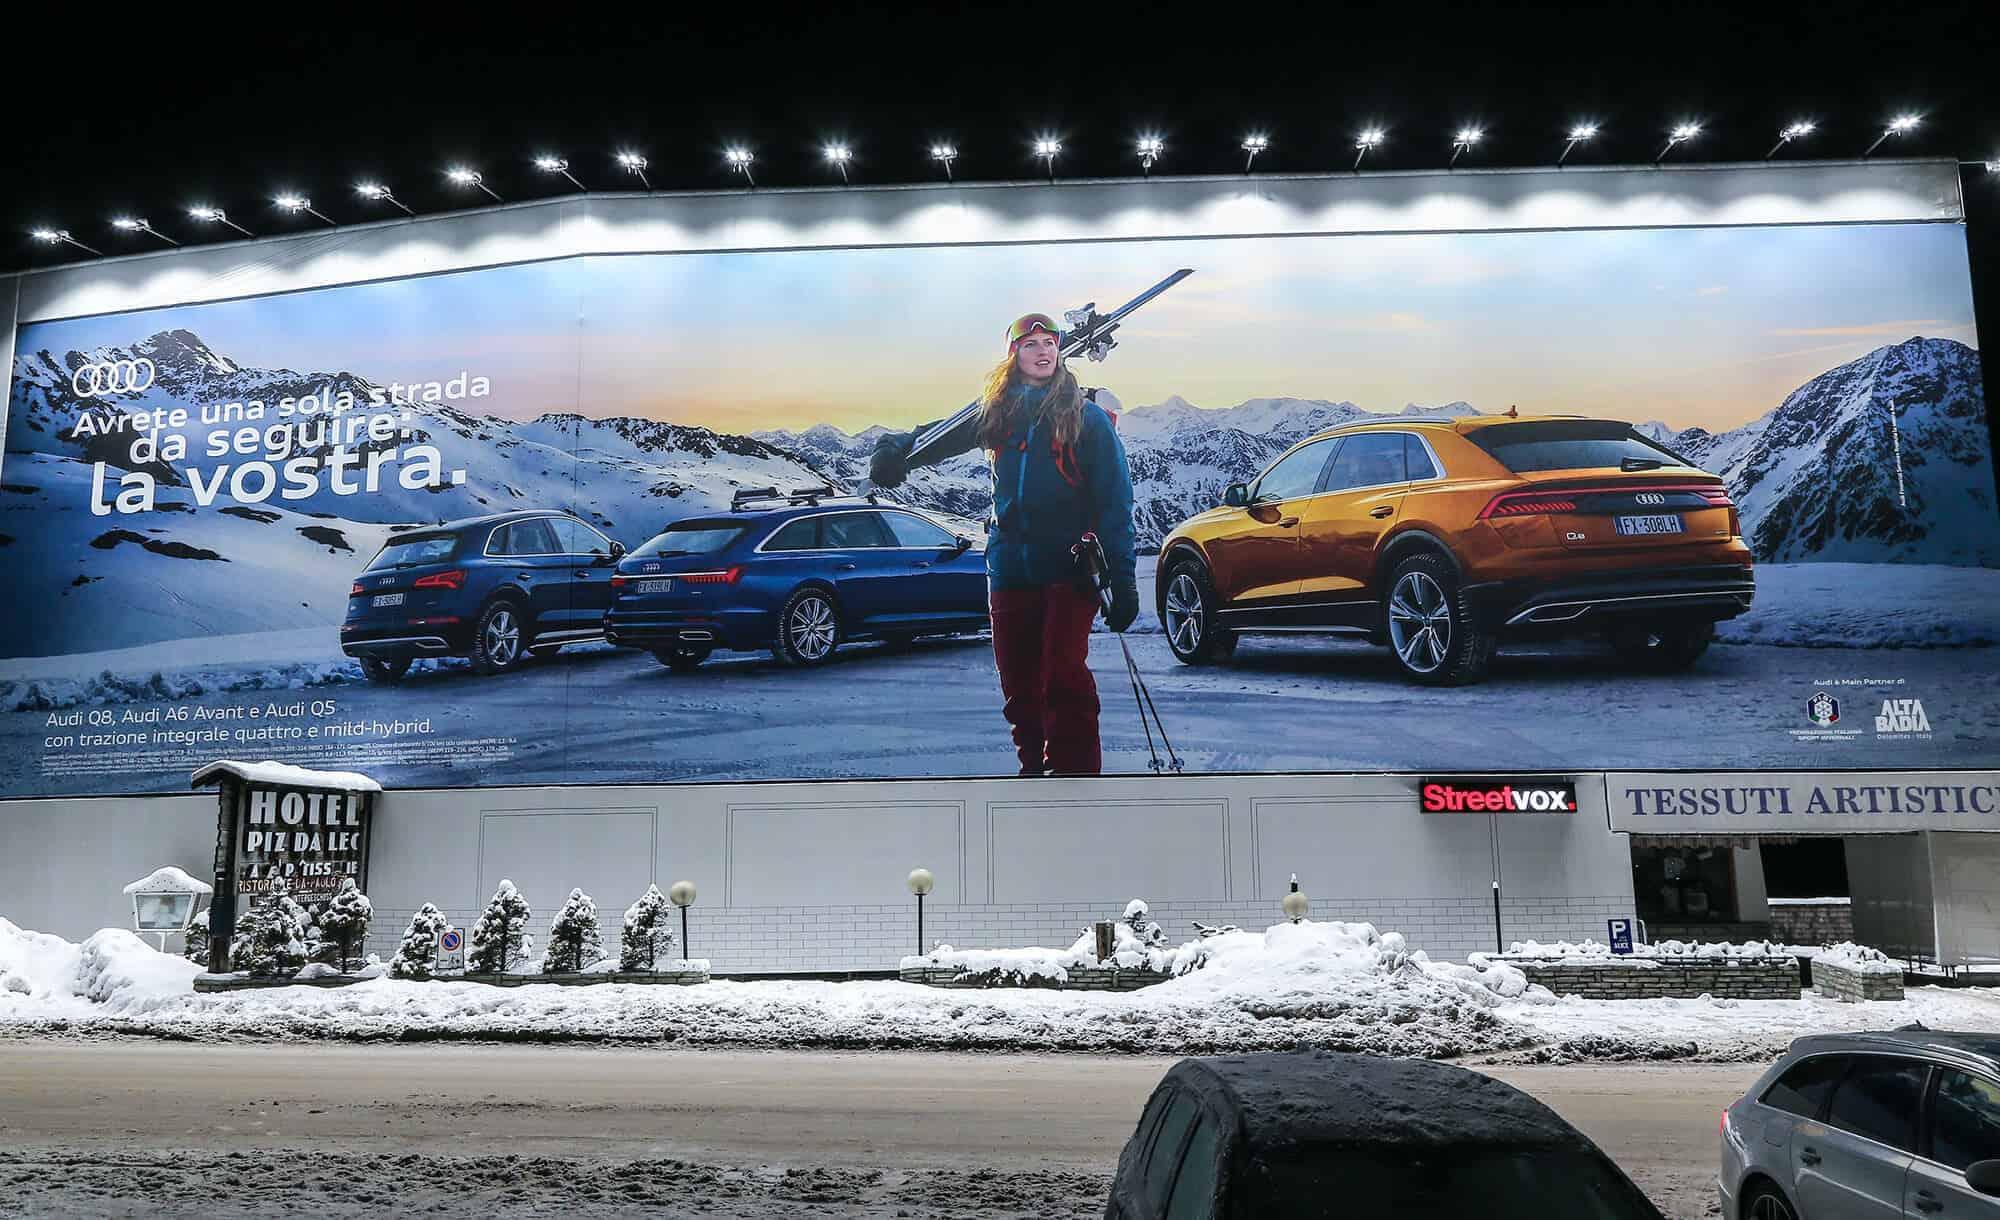 Maxi Affisione a Corvara in Alta Badia 5 di Audi (automotive)